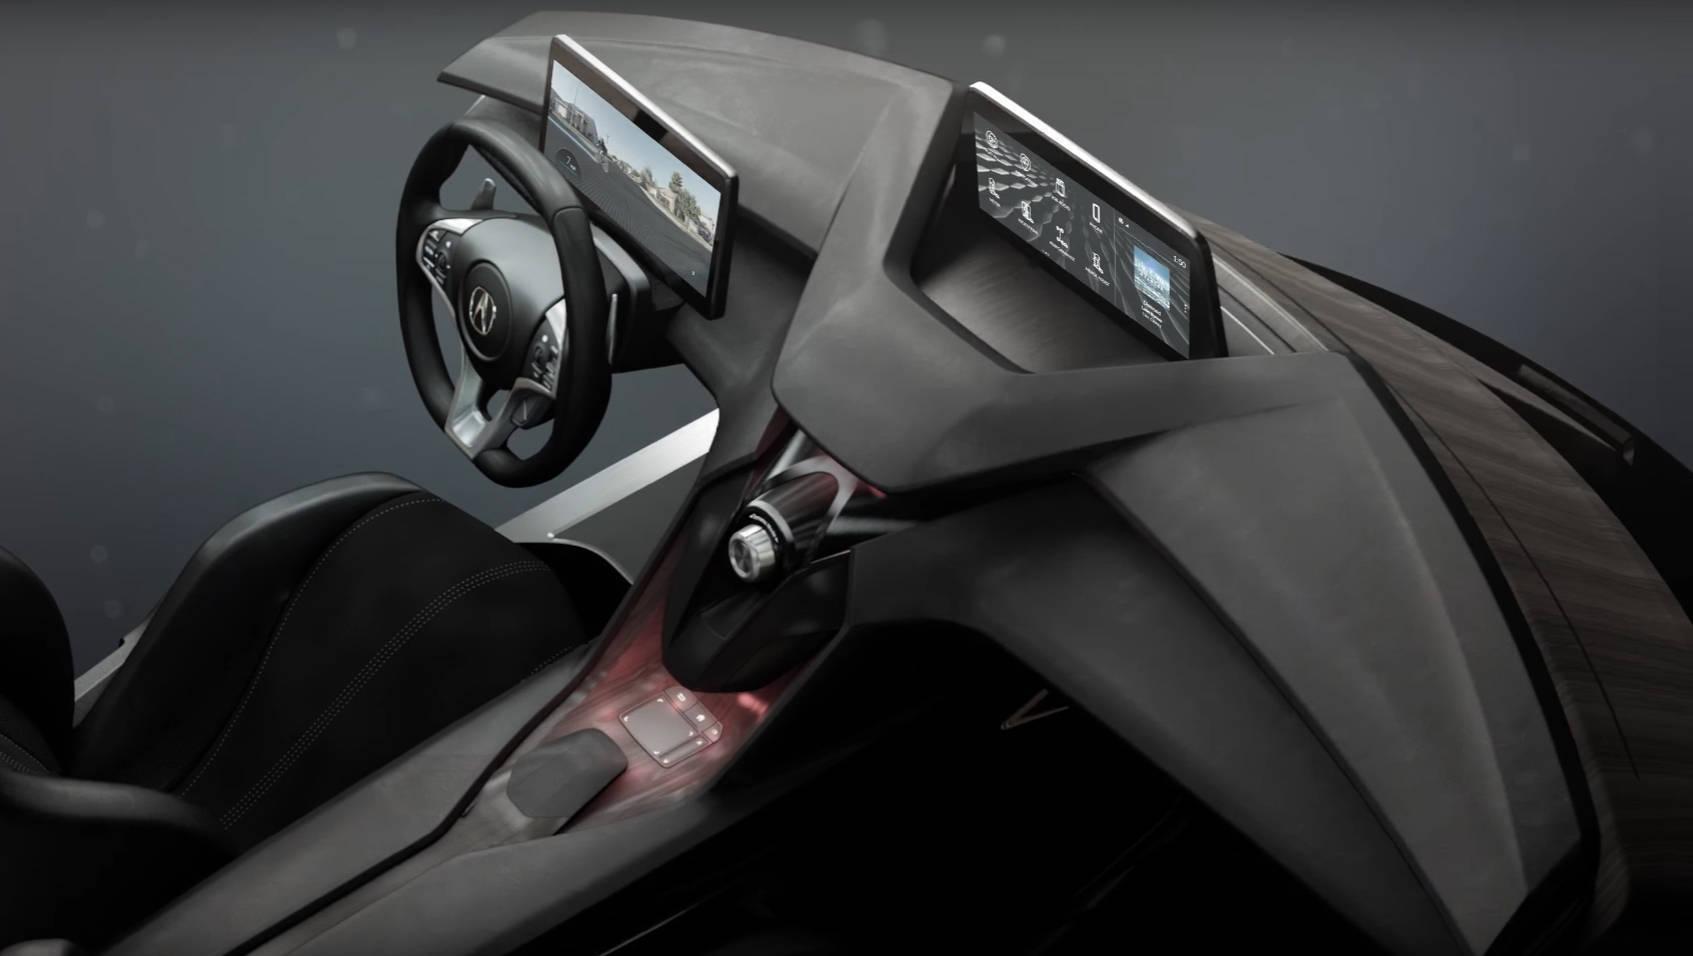 Acura Precision Cockpit shows the future of in-cabin design